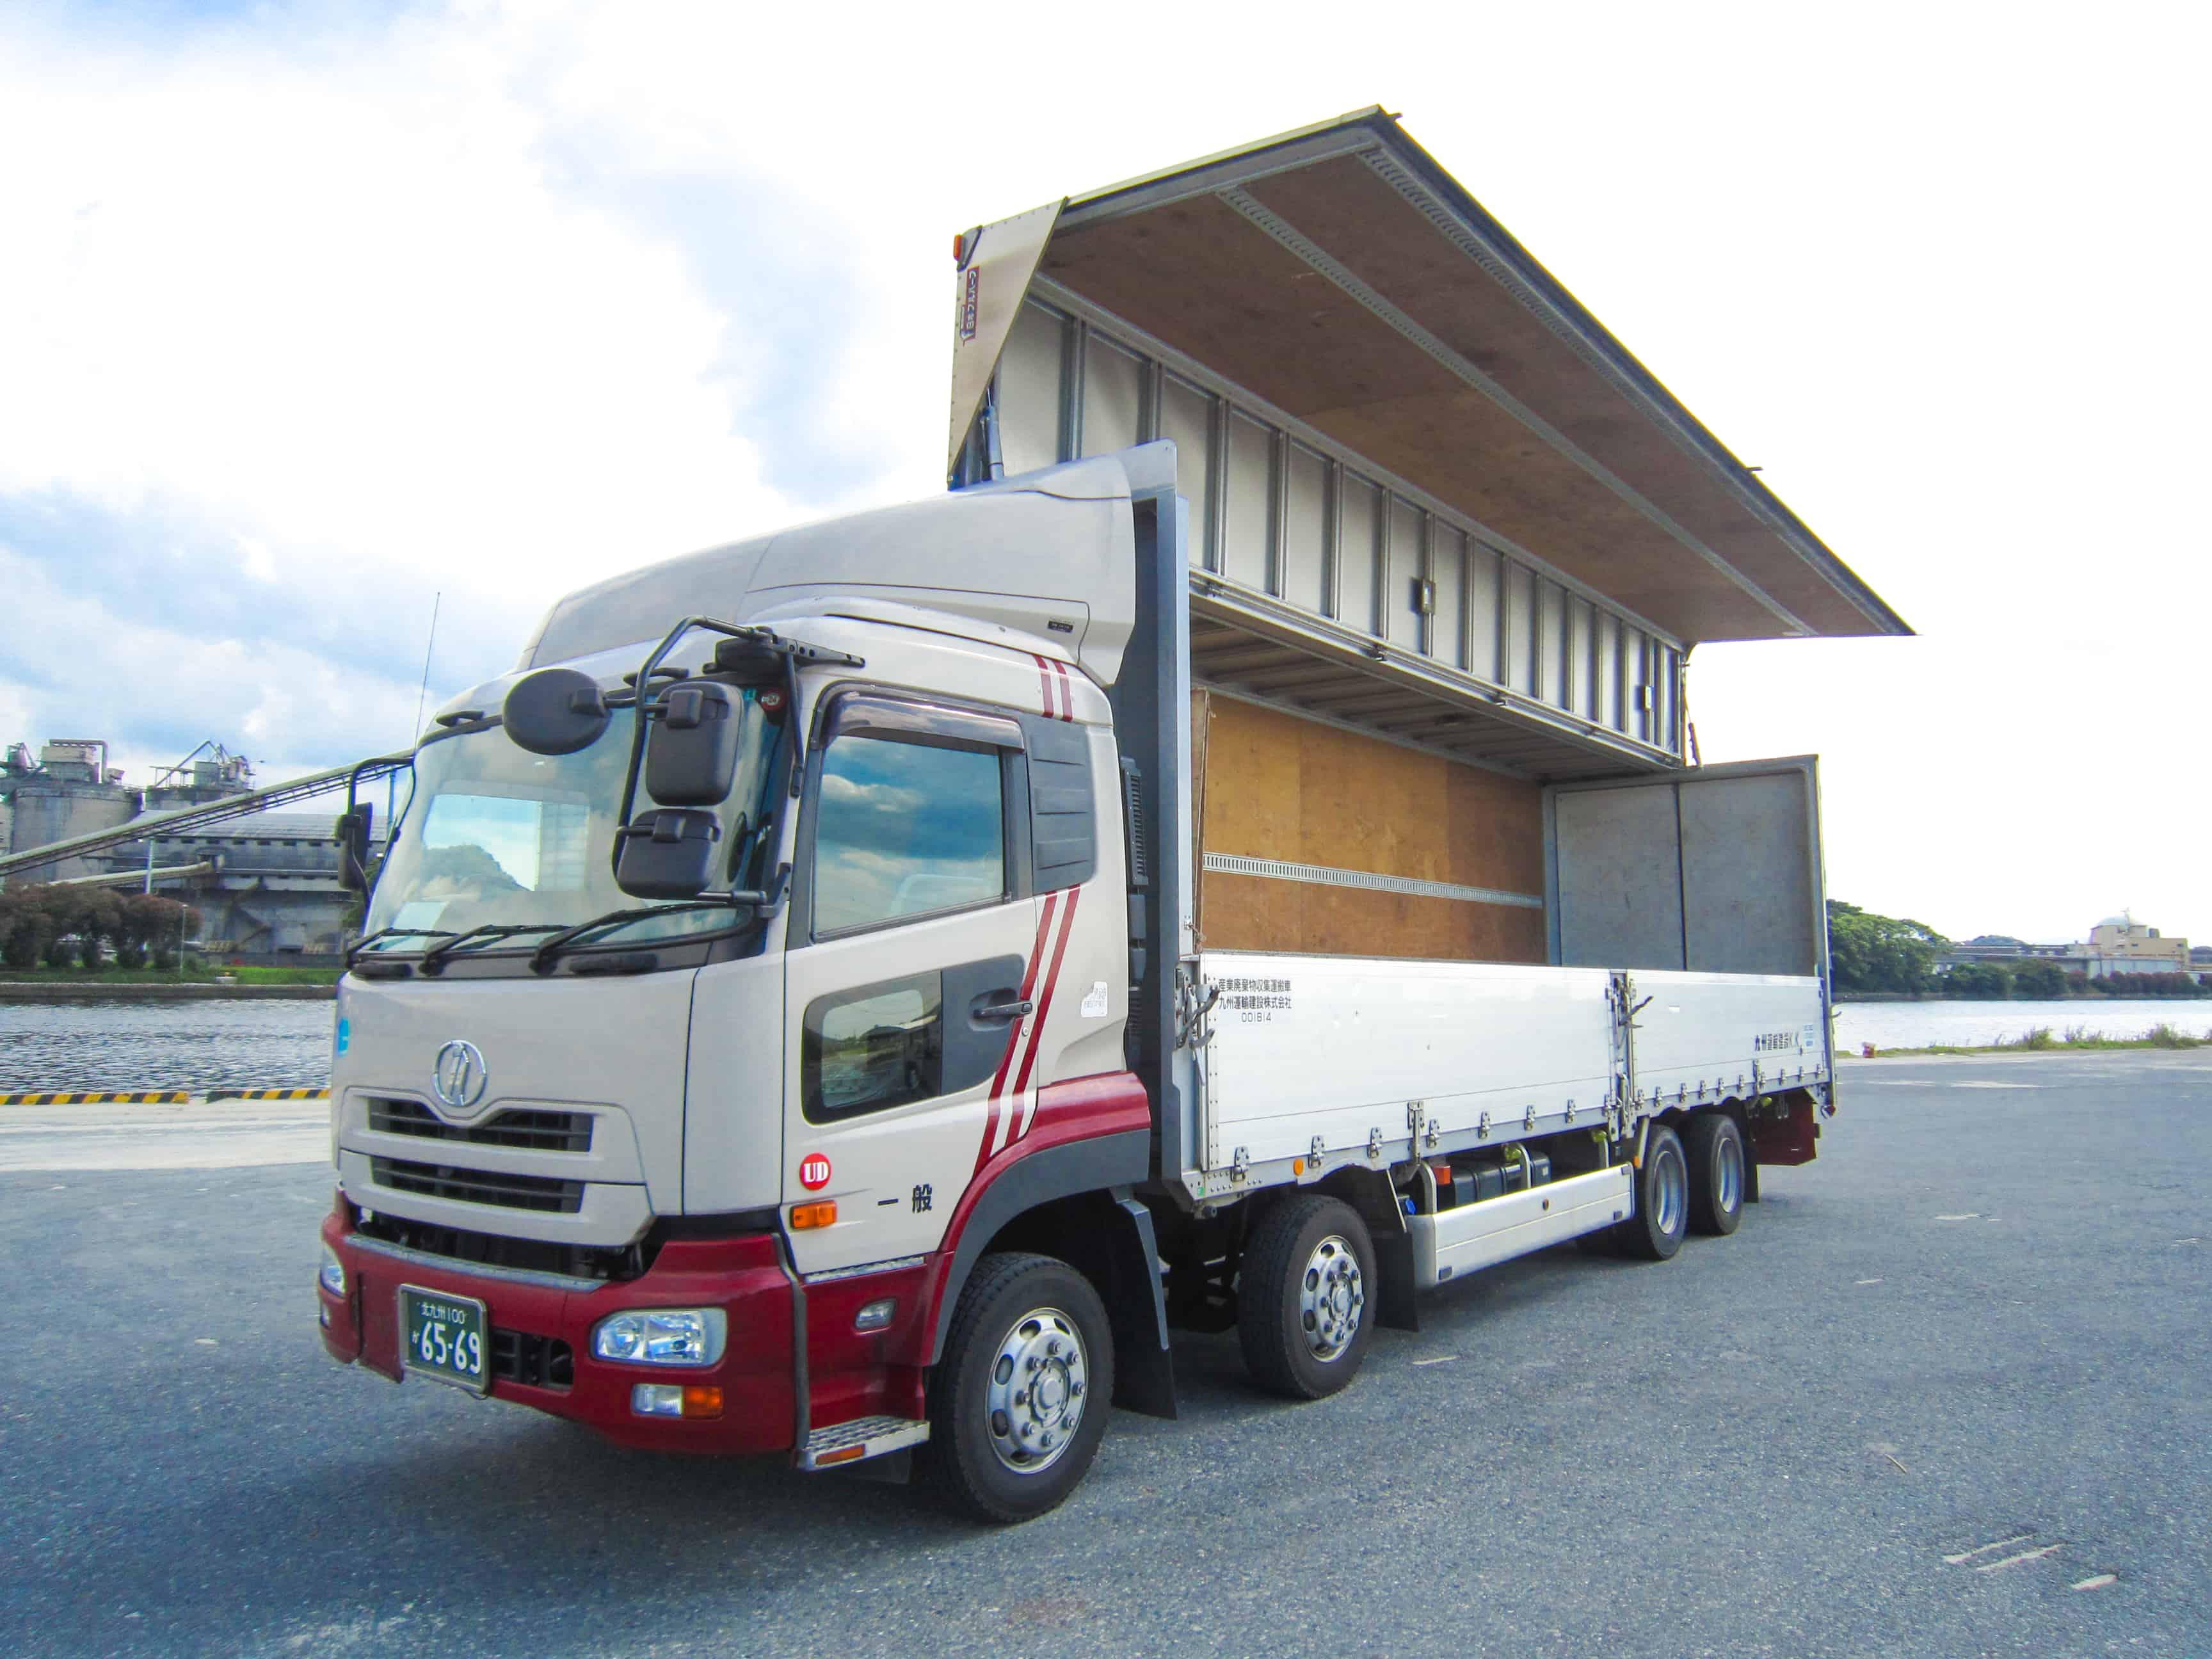 大型車両で九州・広島・岡山周辺の産業廃棄物を回収トレーラーおよび大型運転手|採用情報|九州運輸建設株式会社|北九州市